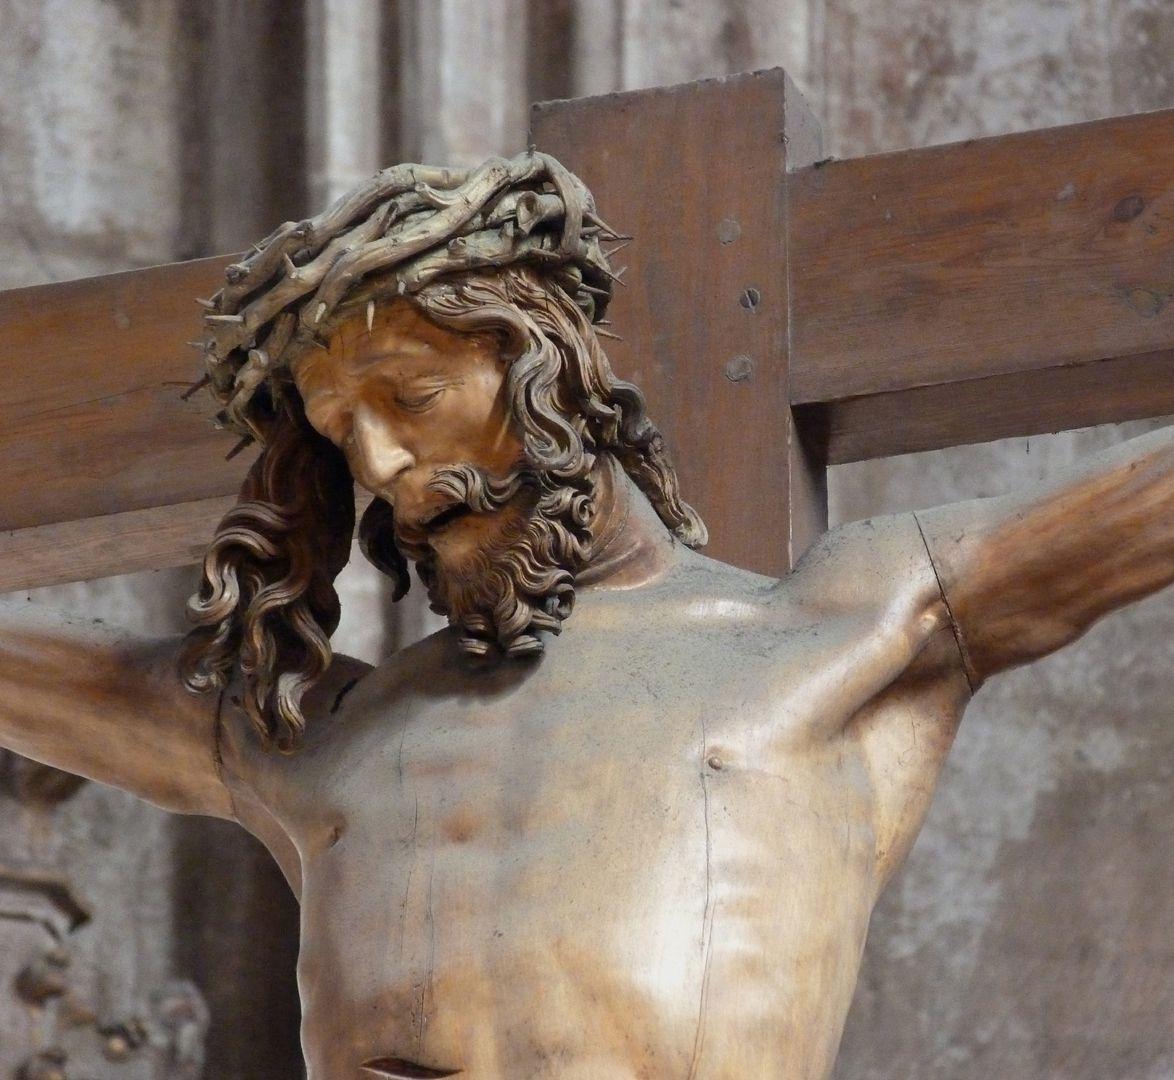 Kruzifixus Oberkörper